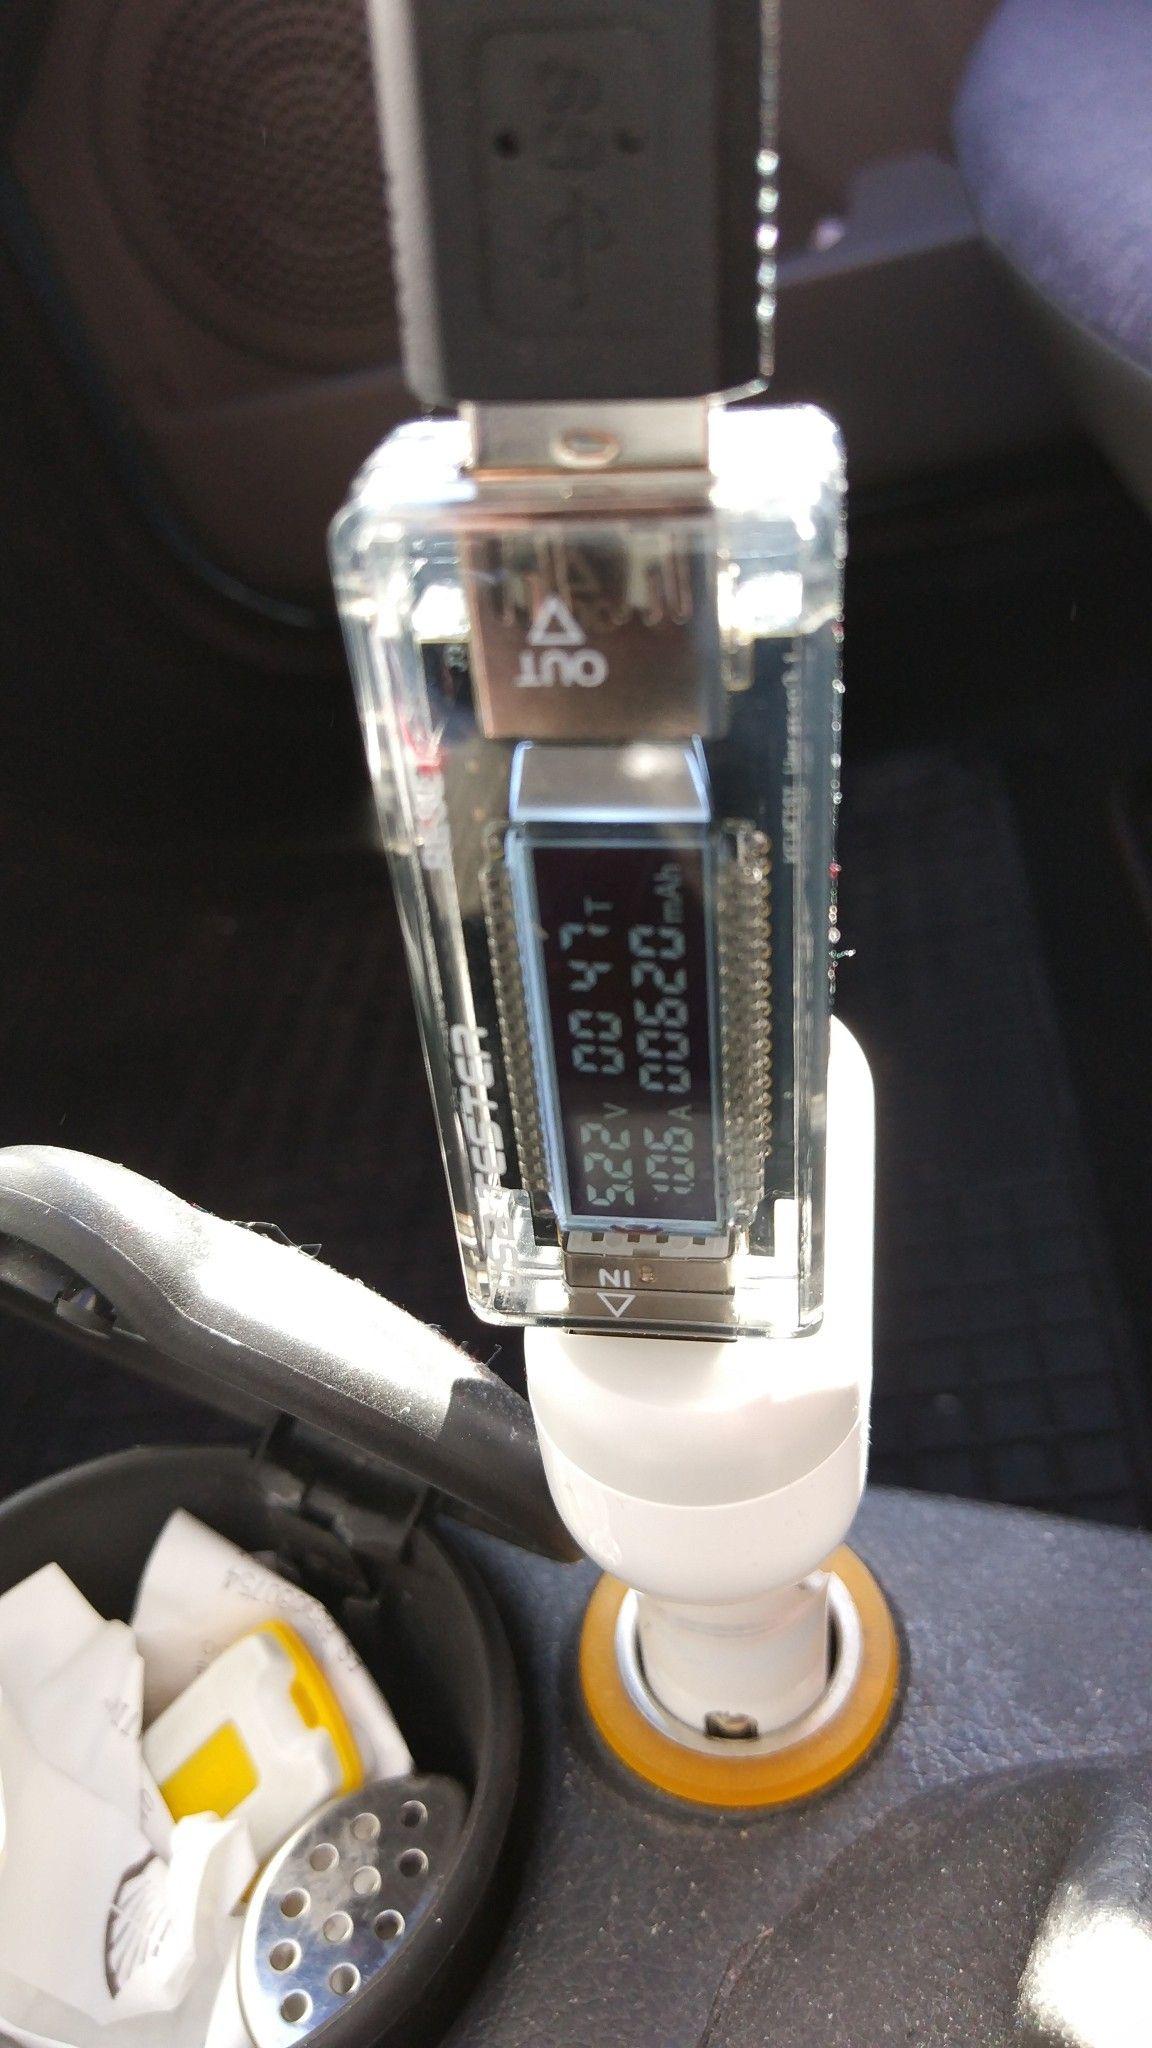 Cargador para coche Lumsing de 4 puertos. ai65-tinypic-com_2191dvr-jpg.284420